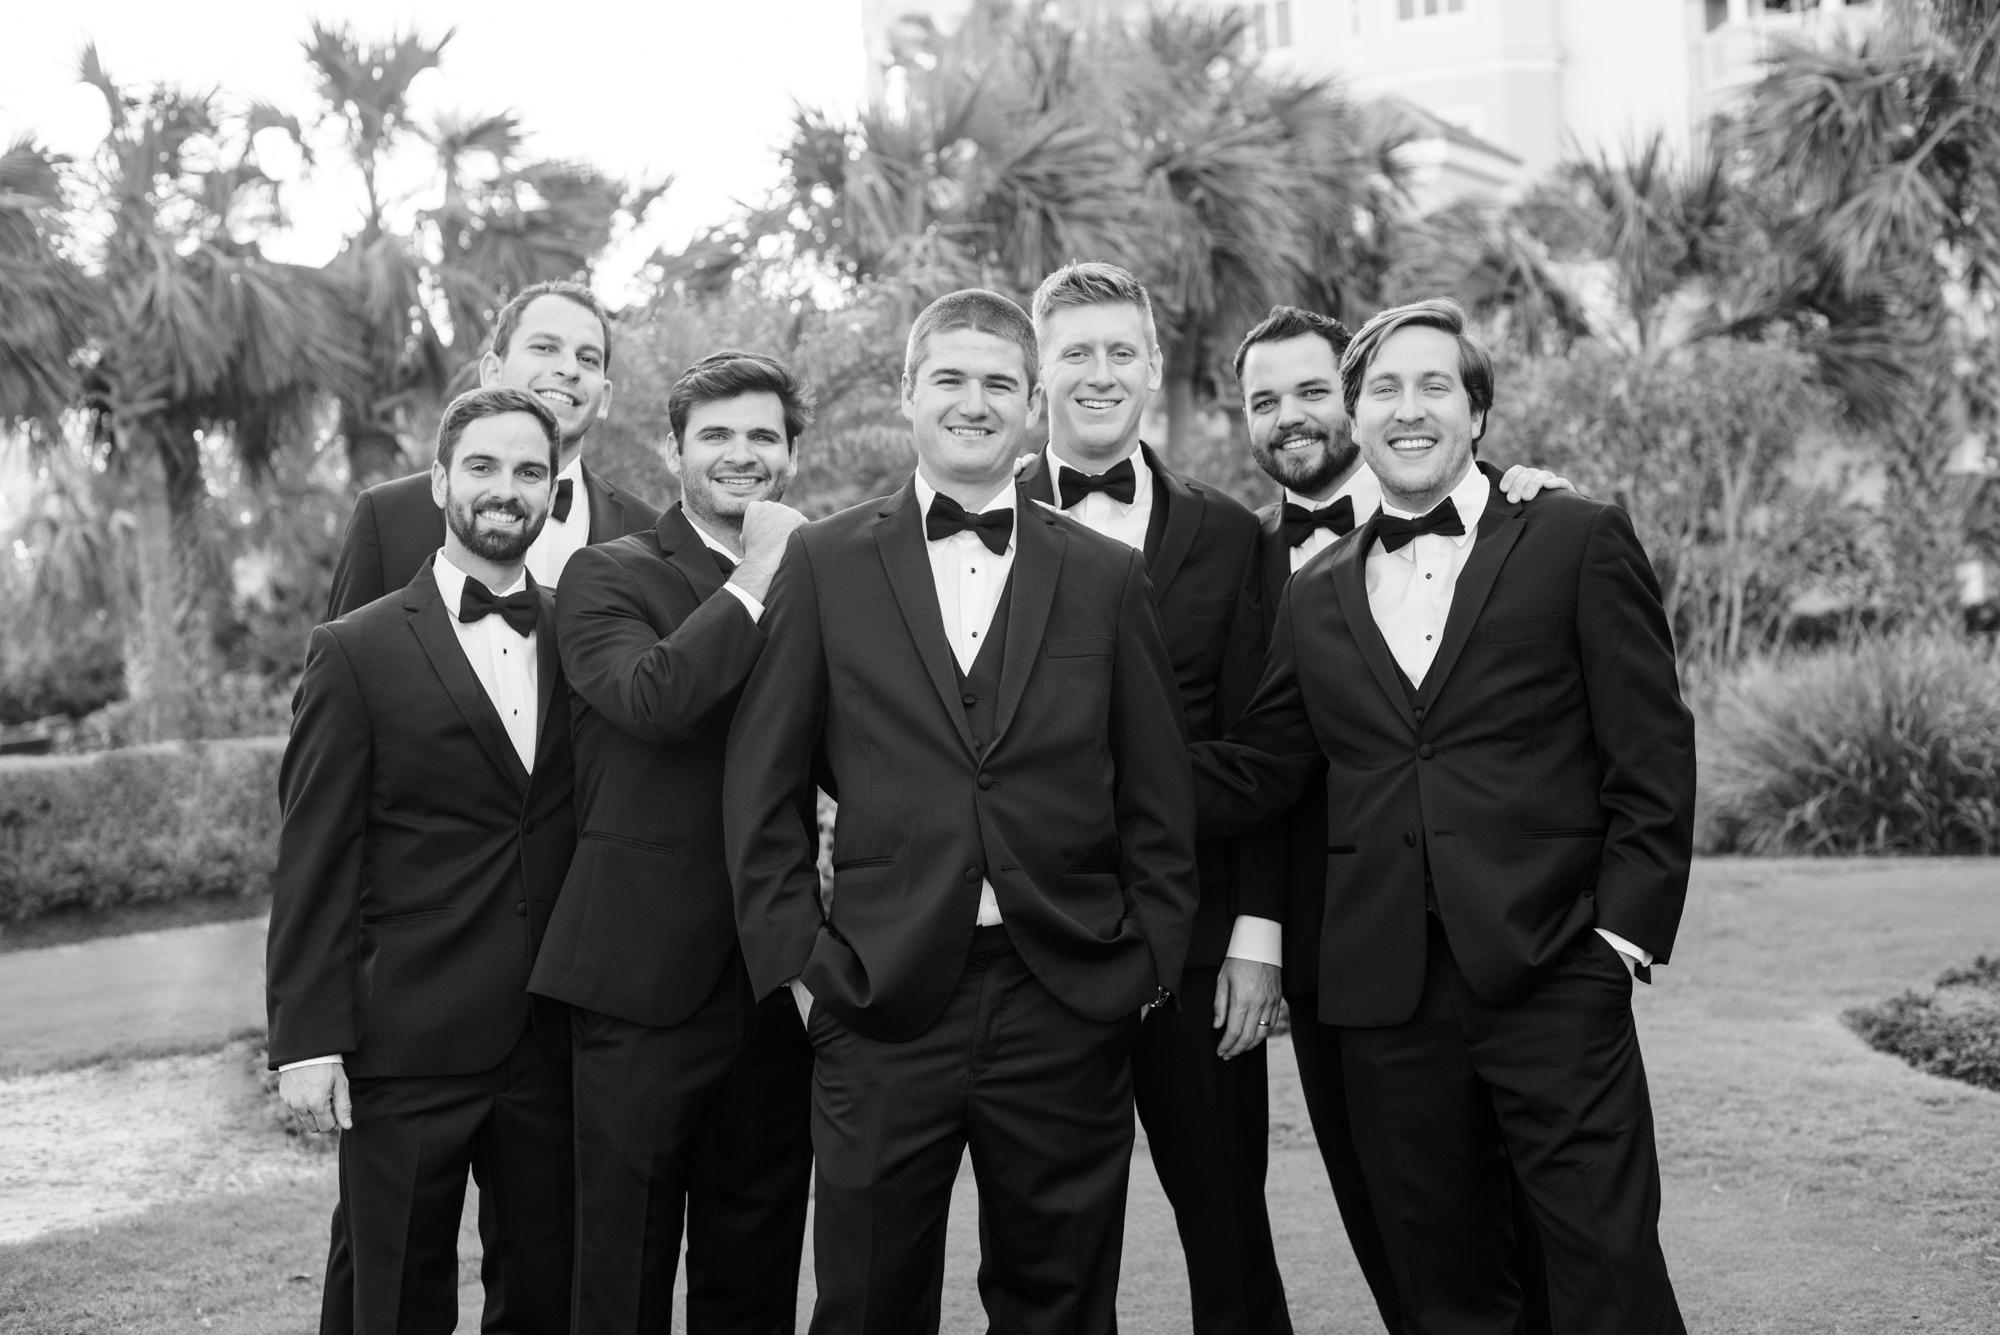 classic groom's tuxedos